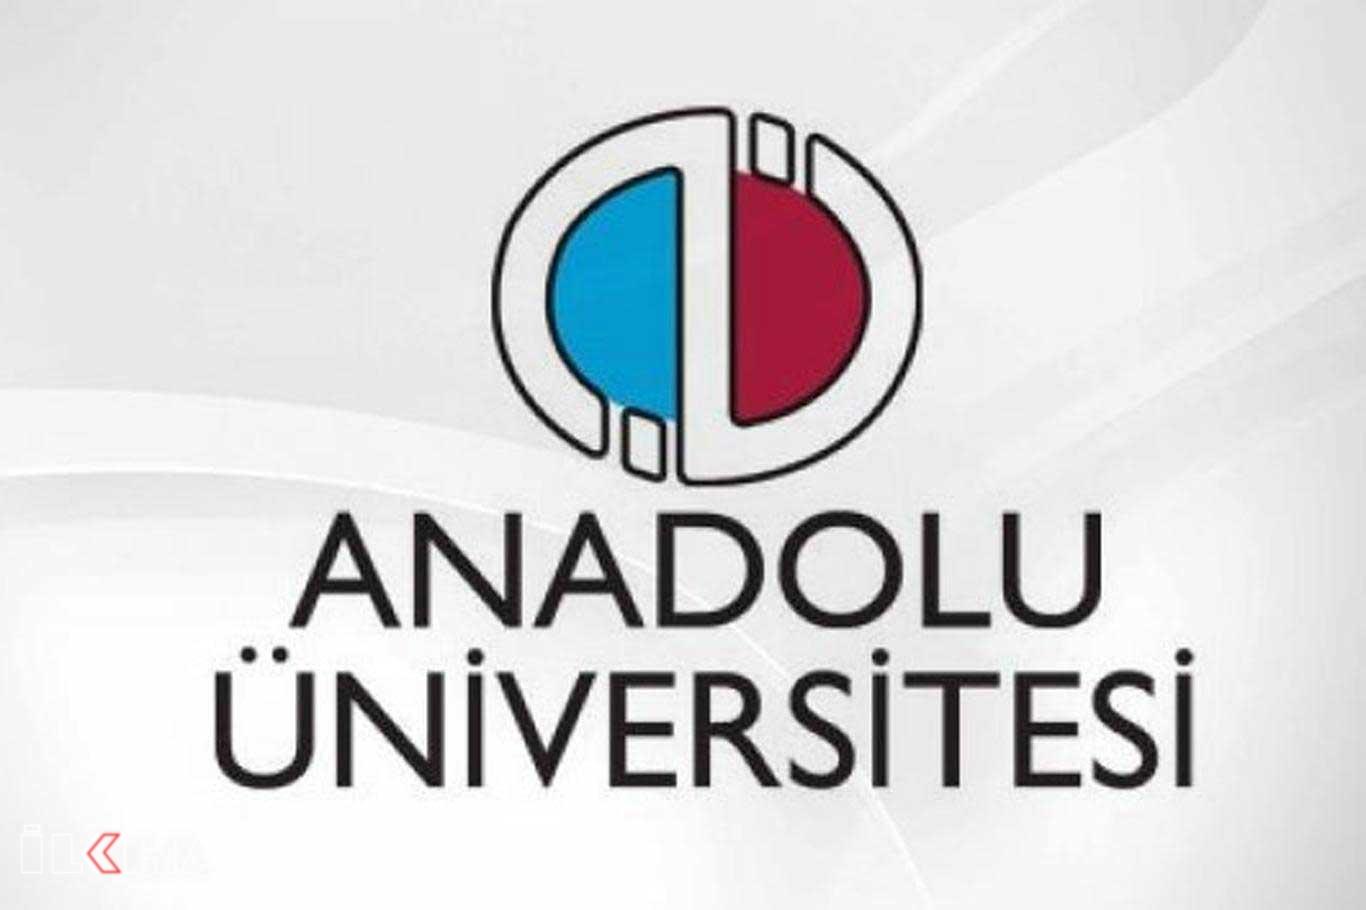 Açıköğretim Fakültesinden kayıt yenileme duyurusu.